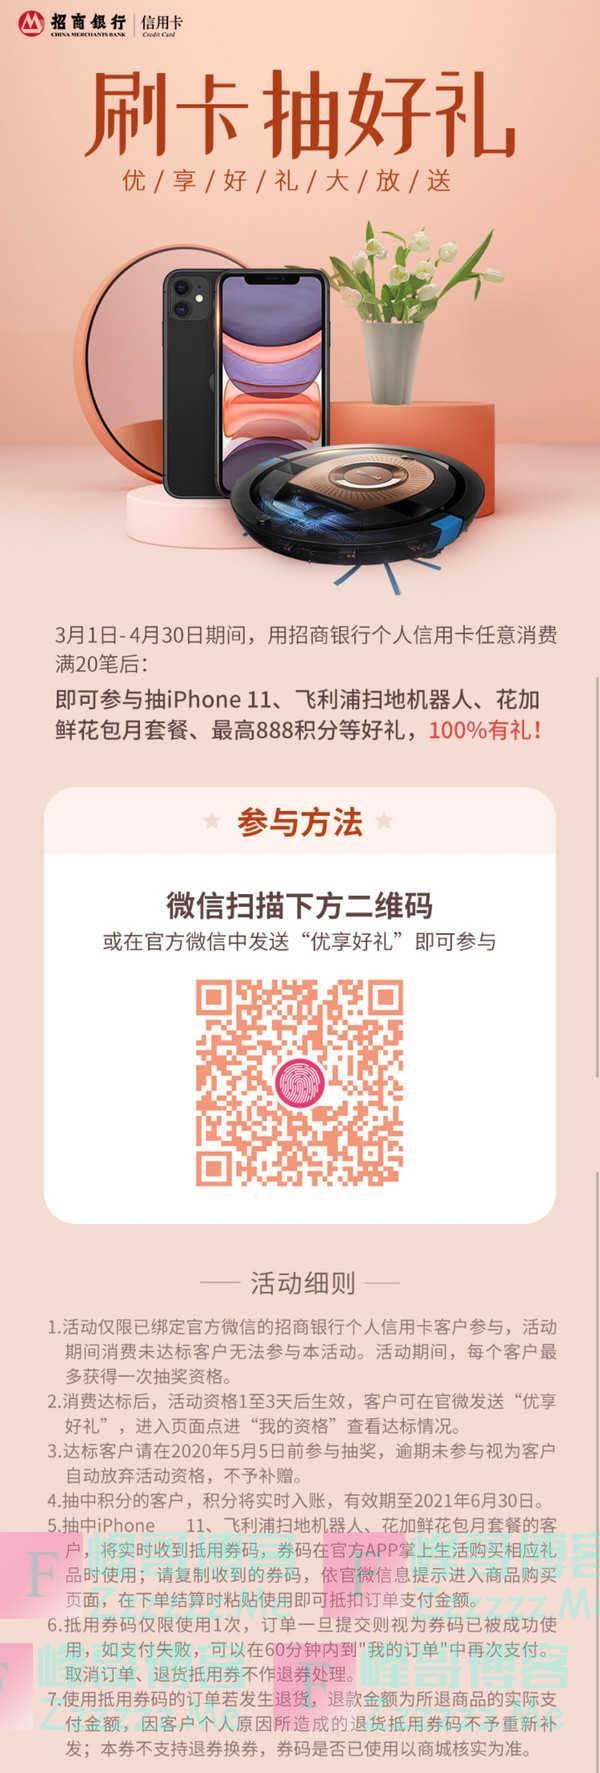 招行xing/用卡刷卡抽好礼(截止4月30日)